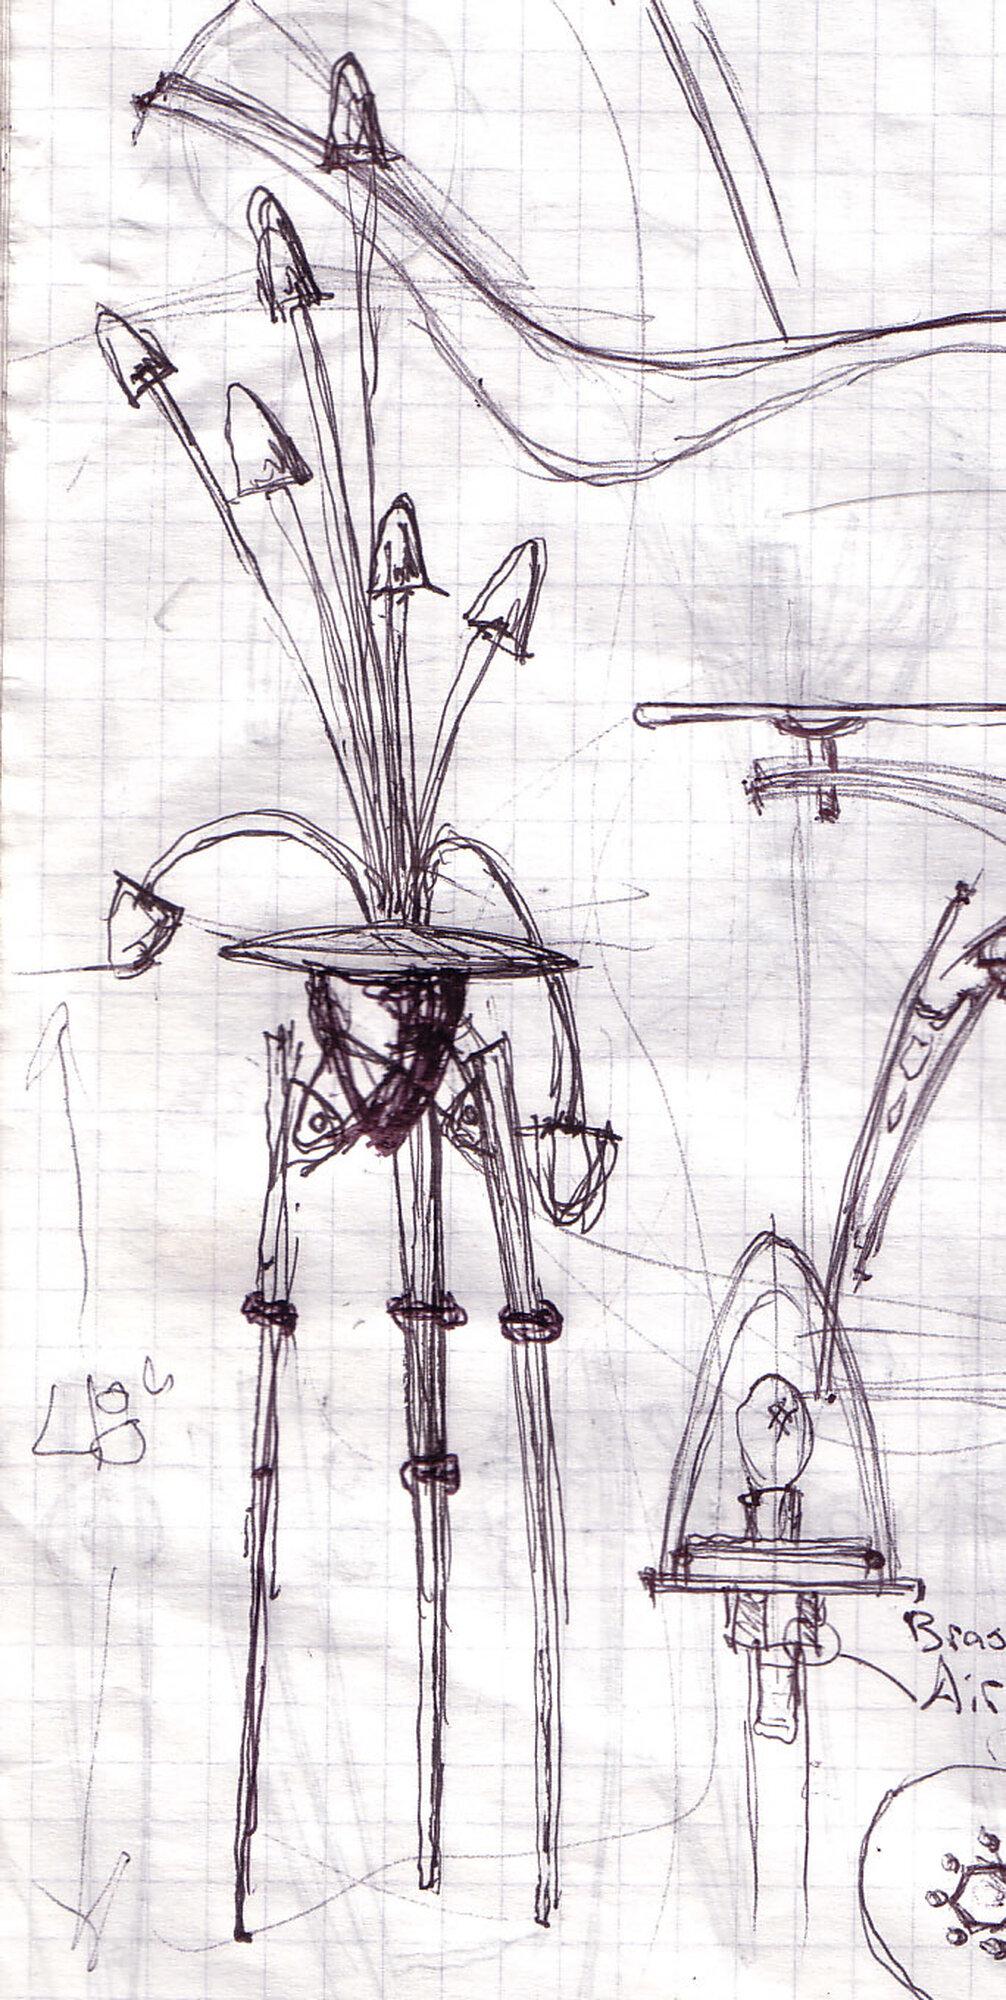 Chris Martin Sketch 4